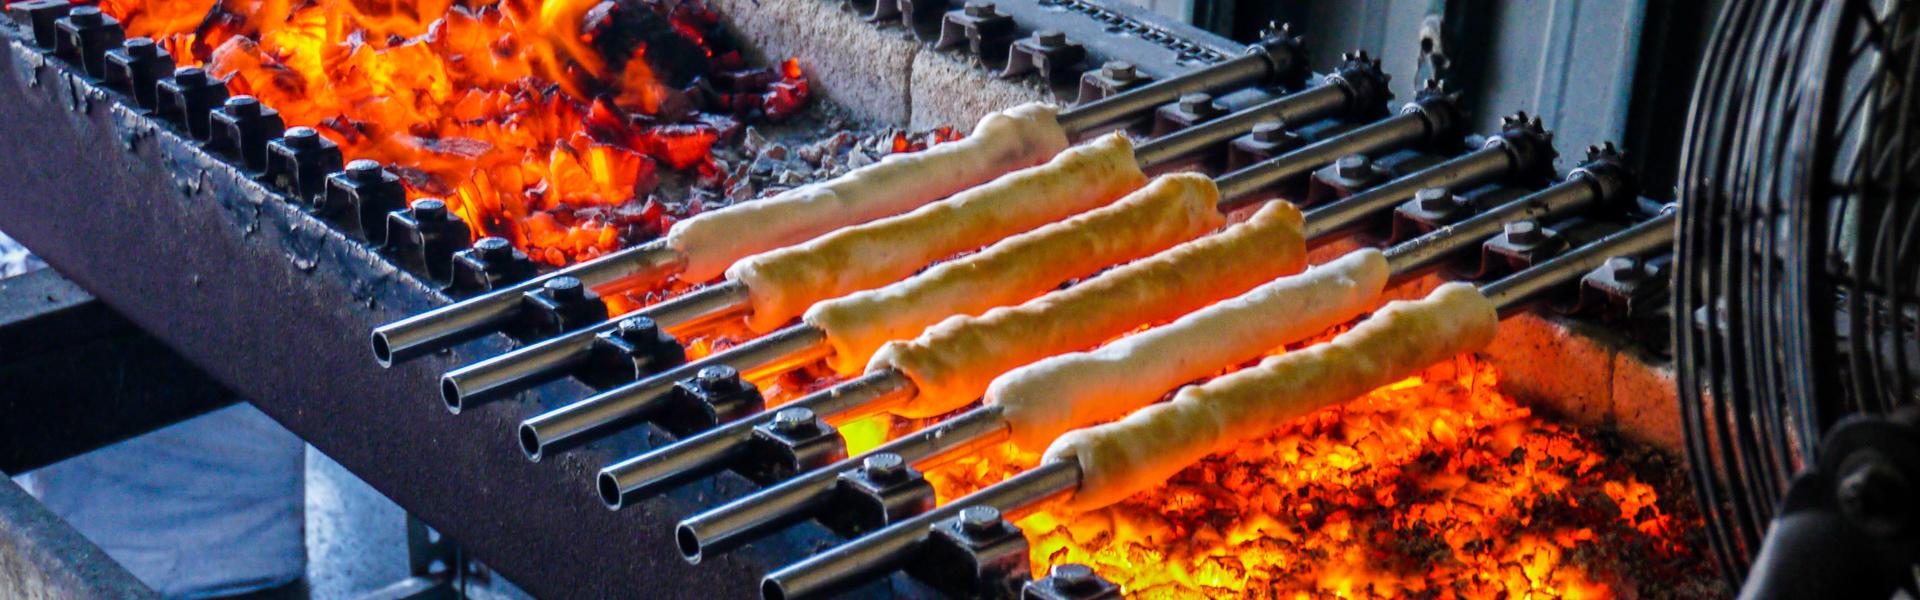 基隆Only,隱藏美食|基隆手工碳烤吉古拉